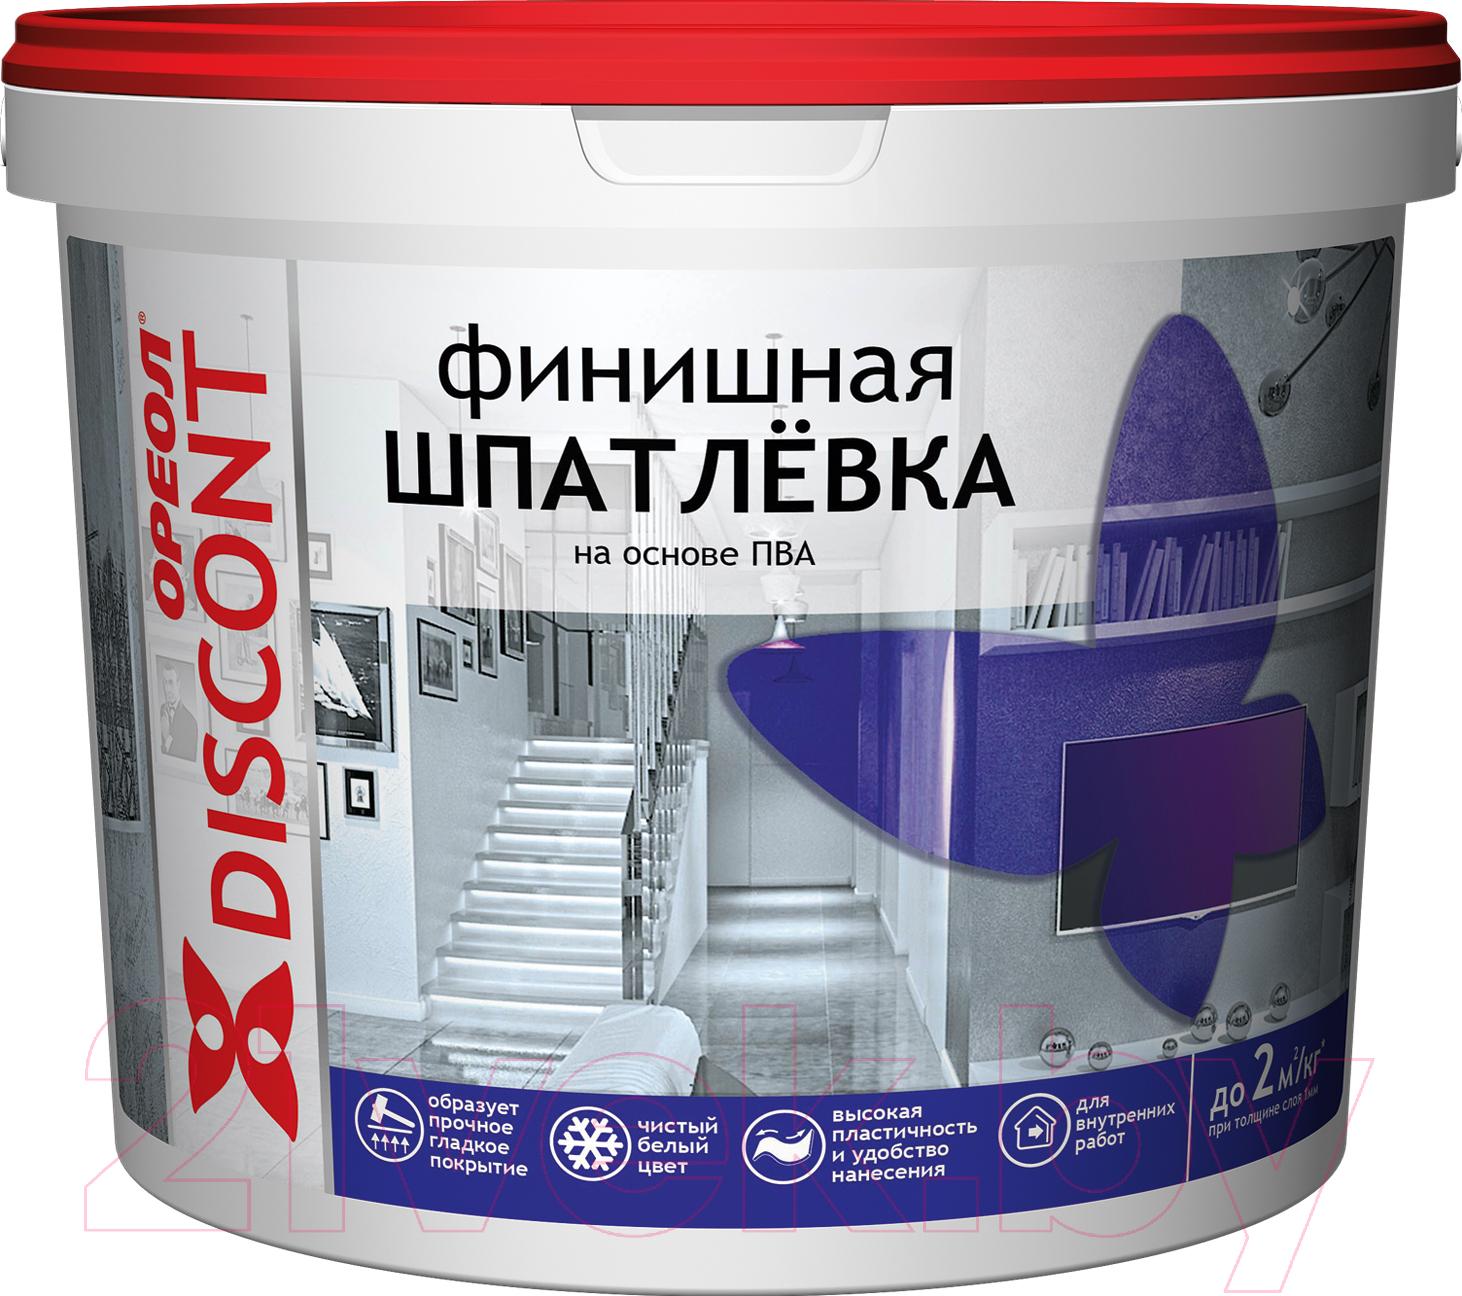 Купить Шпатлевка Ореол, Дисконт на основе ПВА (1.3кг), Россия